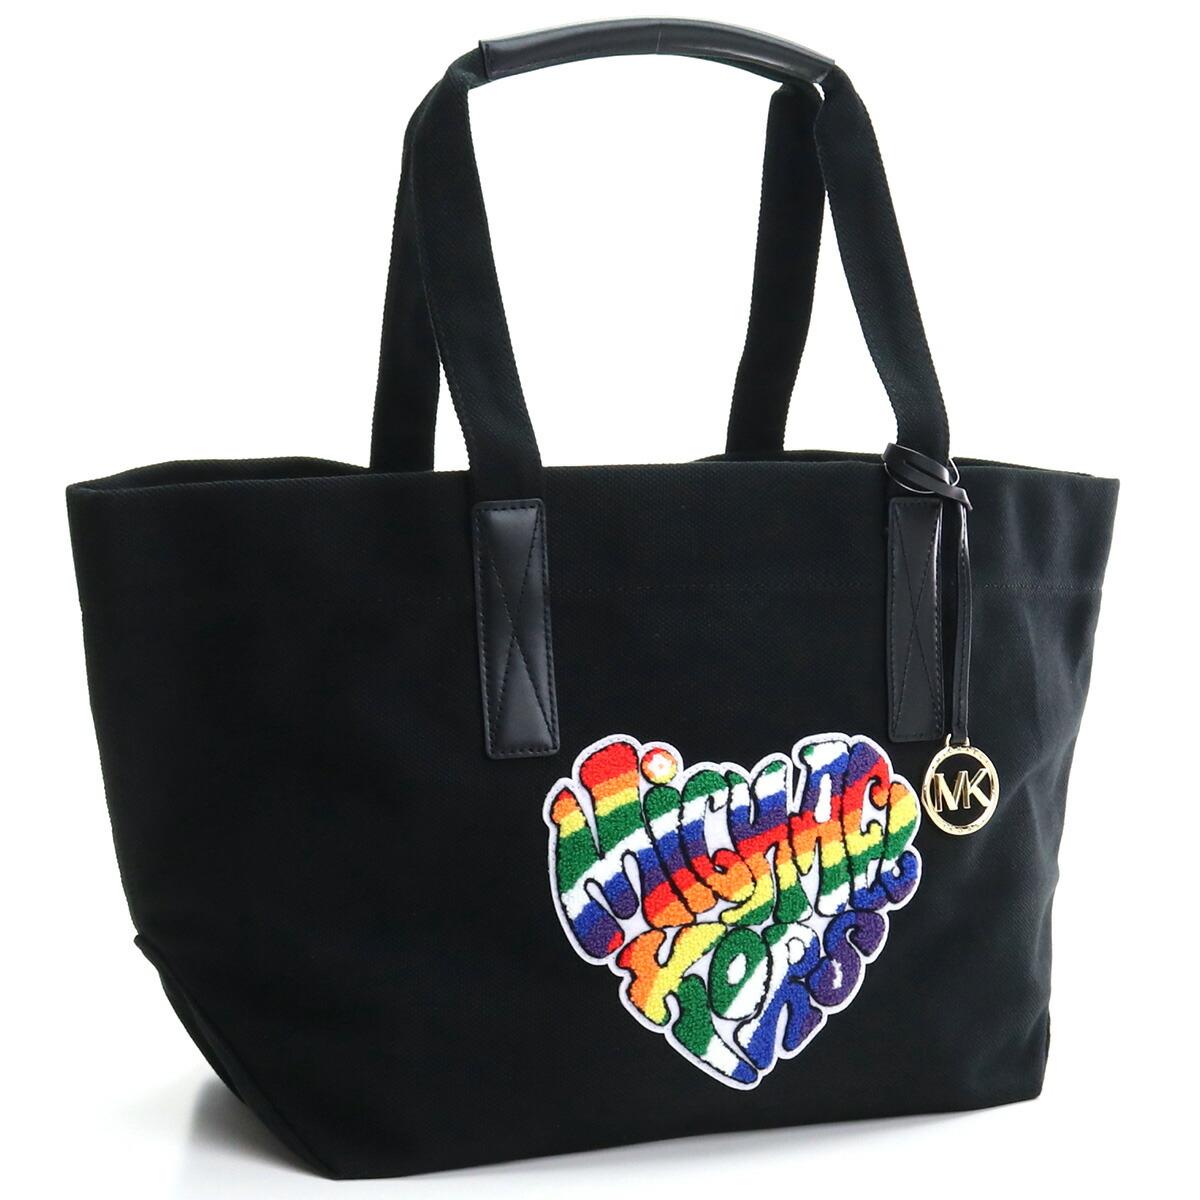 マイケル・コース MICHAEL KORS  トートバッグ ブランドバッグ ブランドトートバッグ 30T1G01T3C 001 BLACK ブラック bag-01